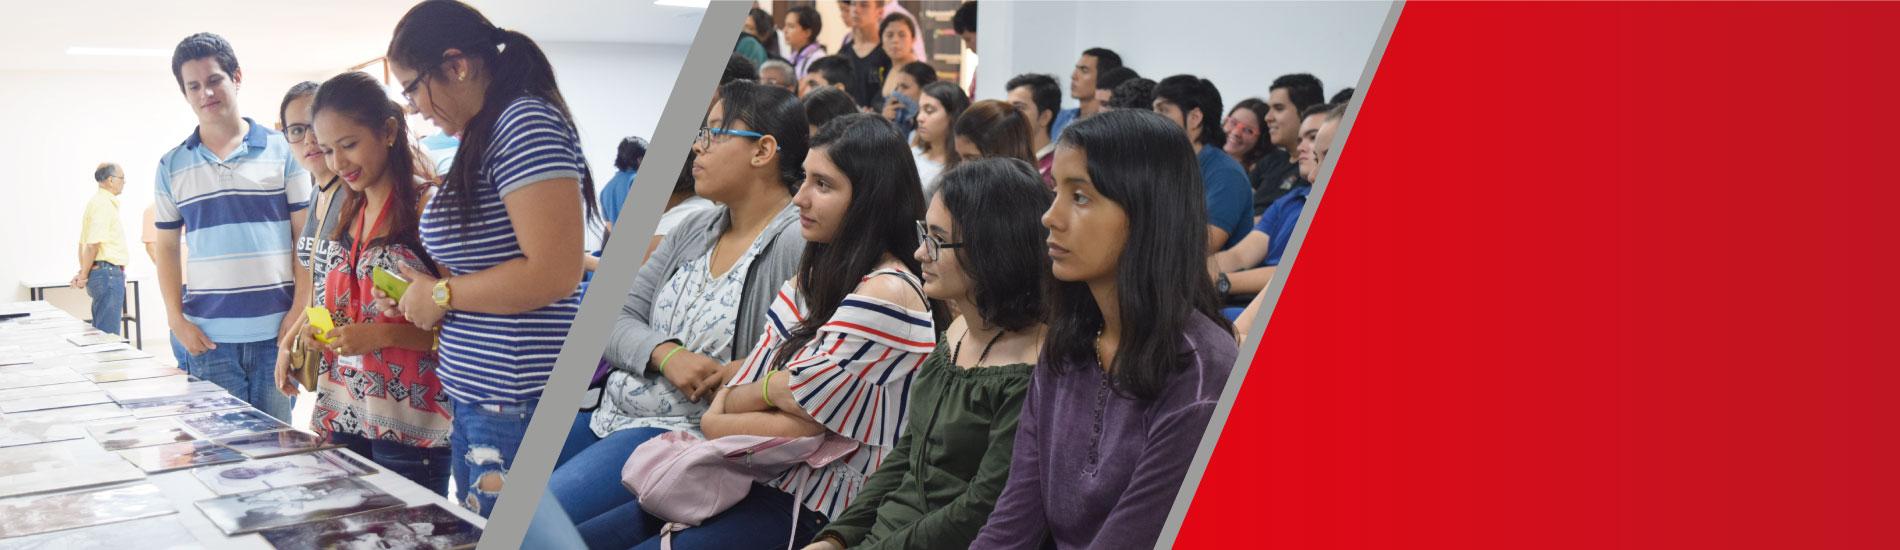 Programa cultural de la Biblioteca UFPS fortalece la formación académica de estudiantes